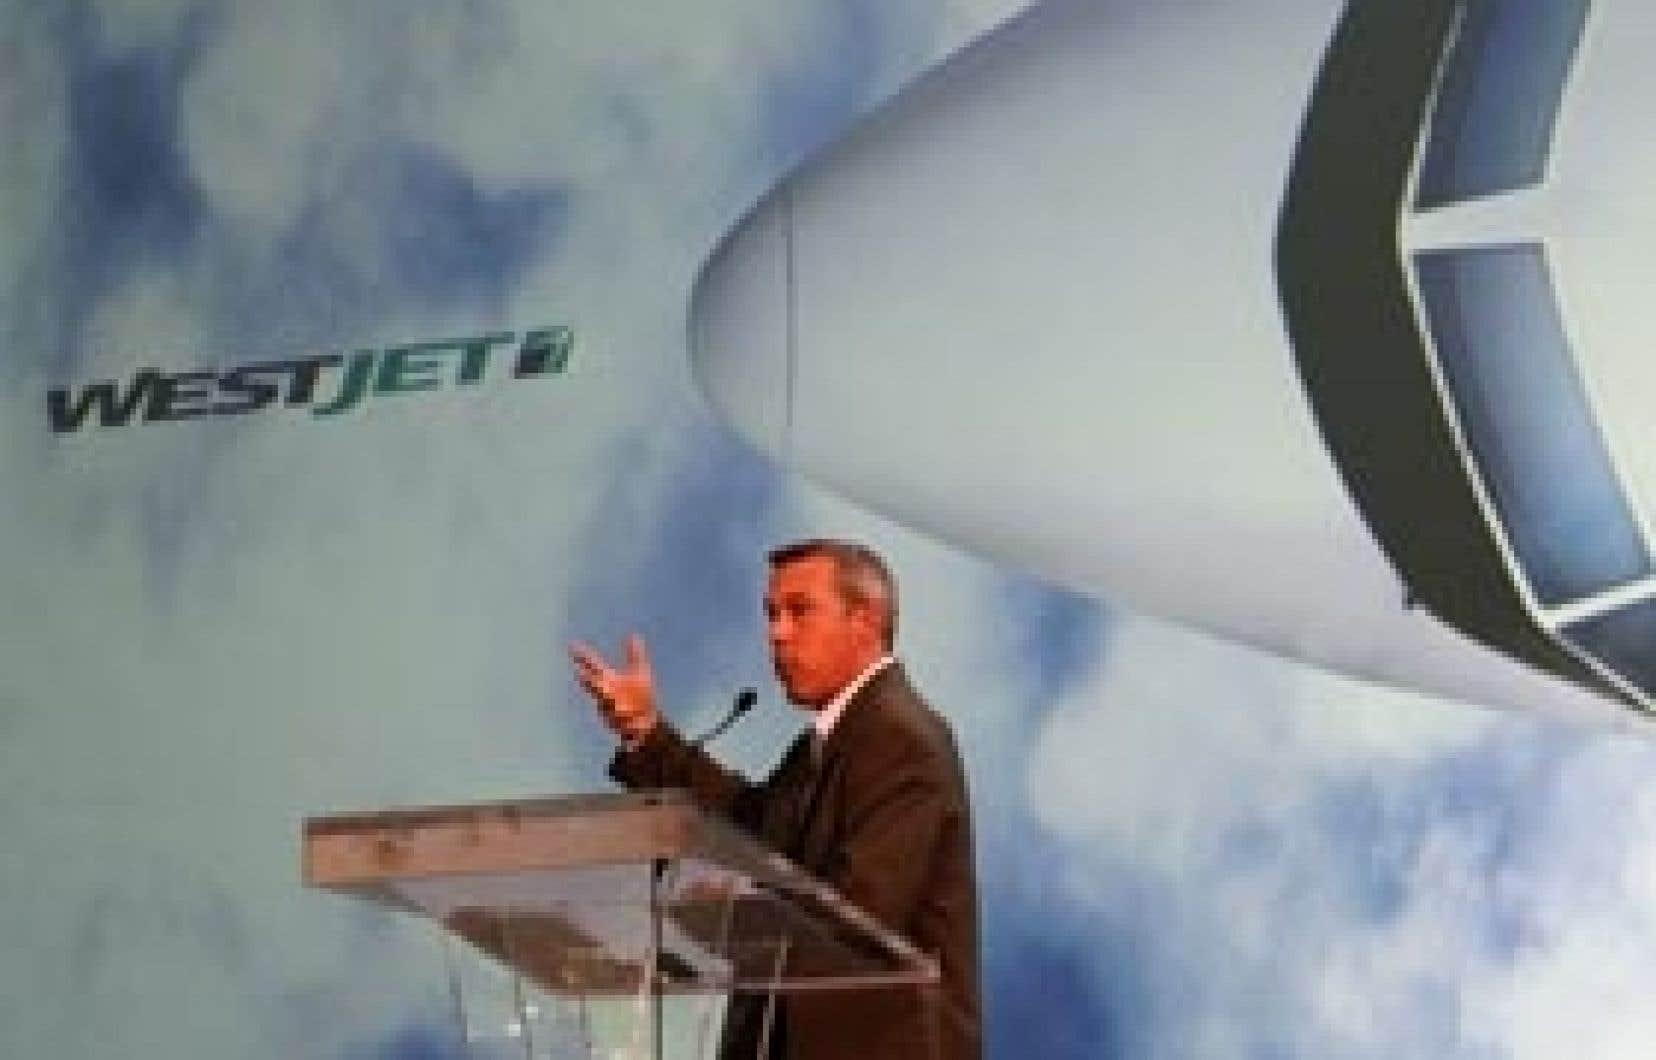 Le président et chef de la direction de WestJet, Sean Durfy, a indiqué que les performances de l'entreprise au deuxième trimestre laissaient entrevoir un déclin des revenus par siège-mille offert semblable à celui du premier trimestre.